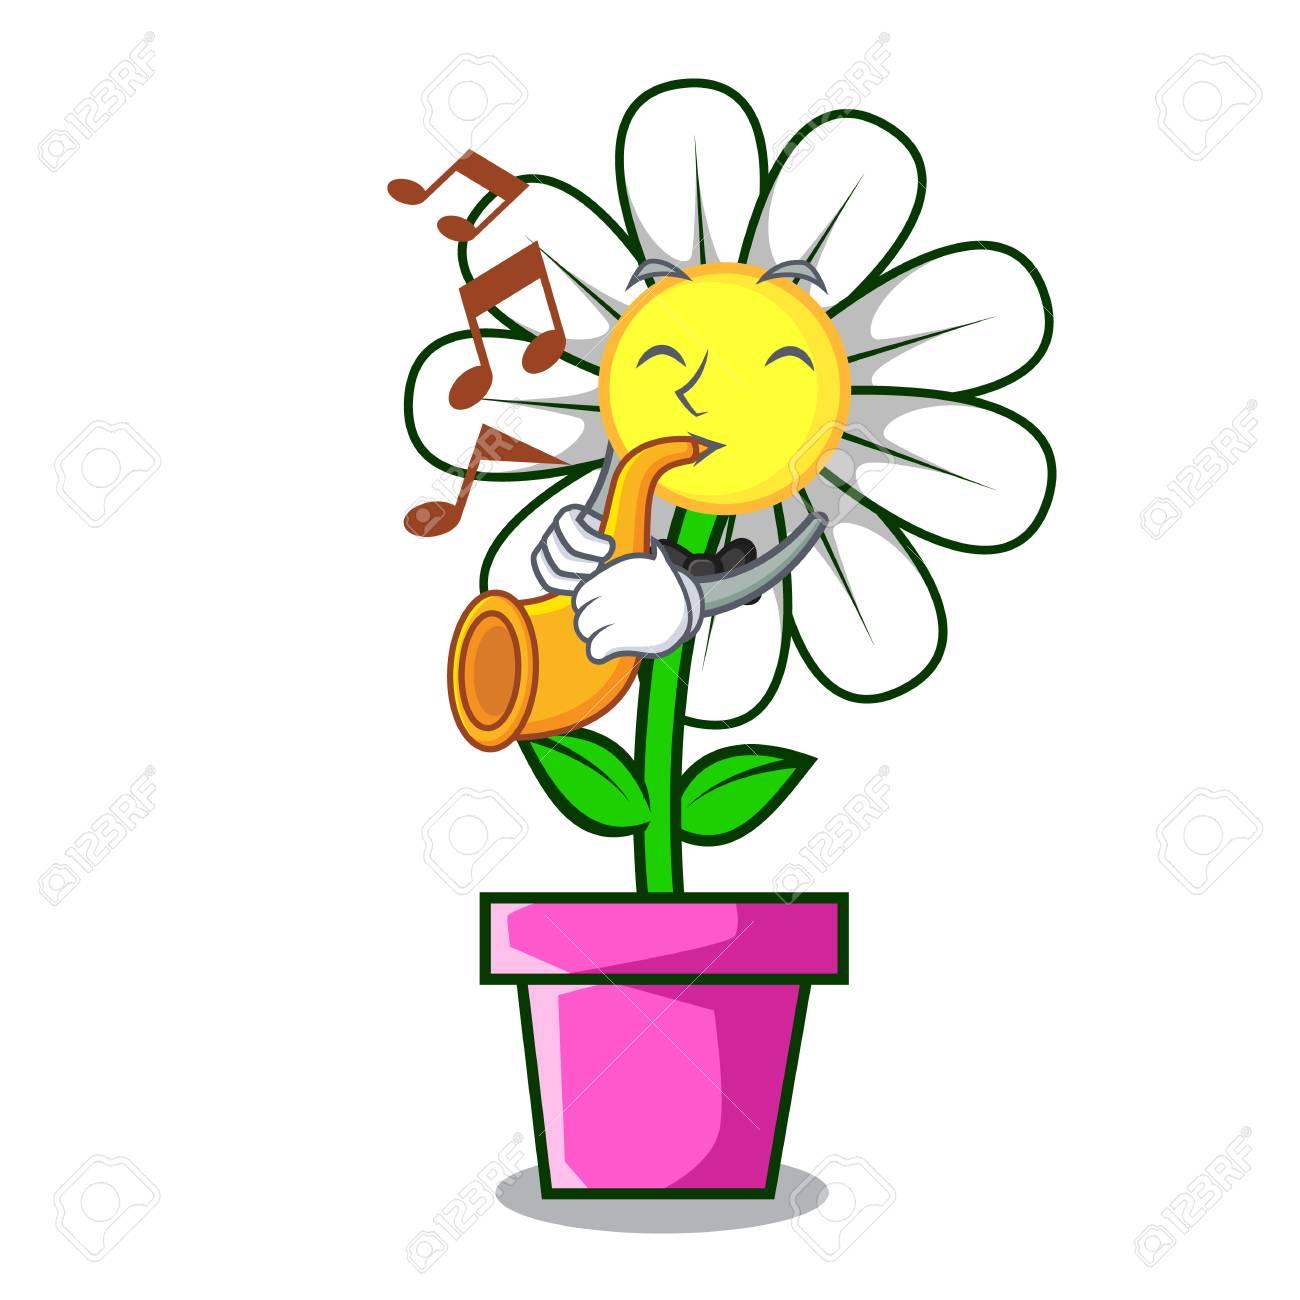 With trumpet daisy flower mascot cartoon royalty free cliparts vector with trumpet daisy flower mascot cartoon izmirmasajfo